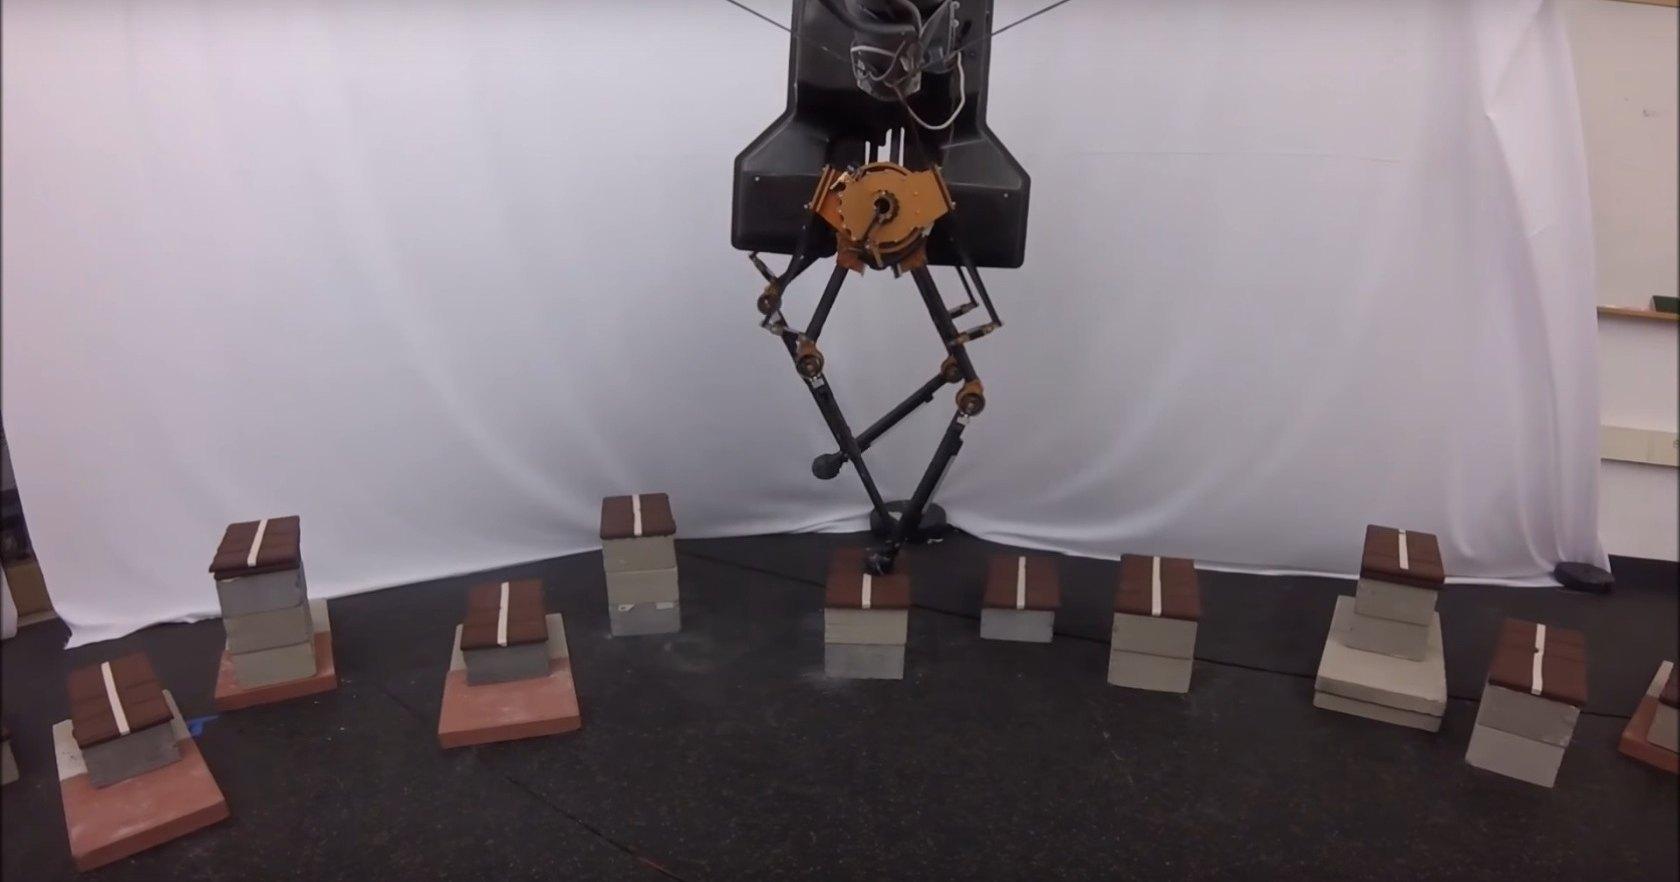 Как научить робота передвигаться по крайне пересеченной местности?